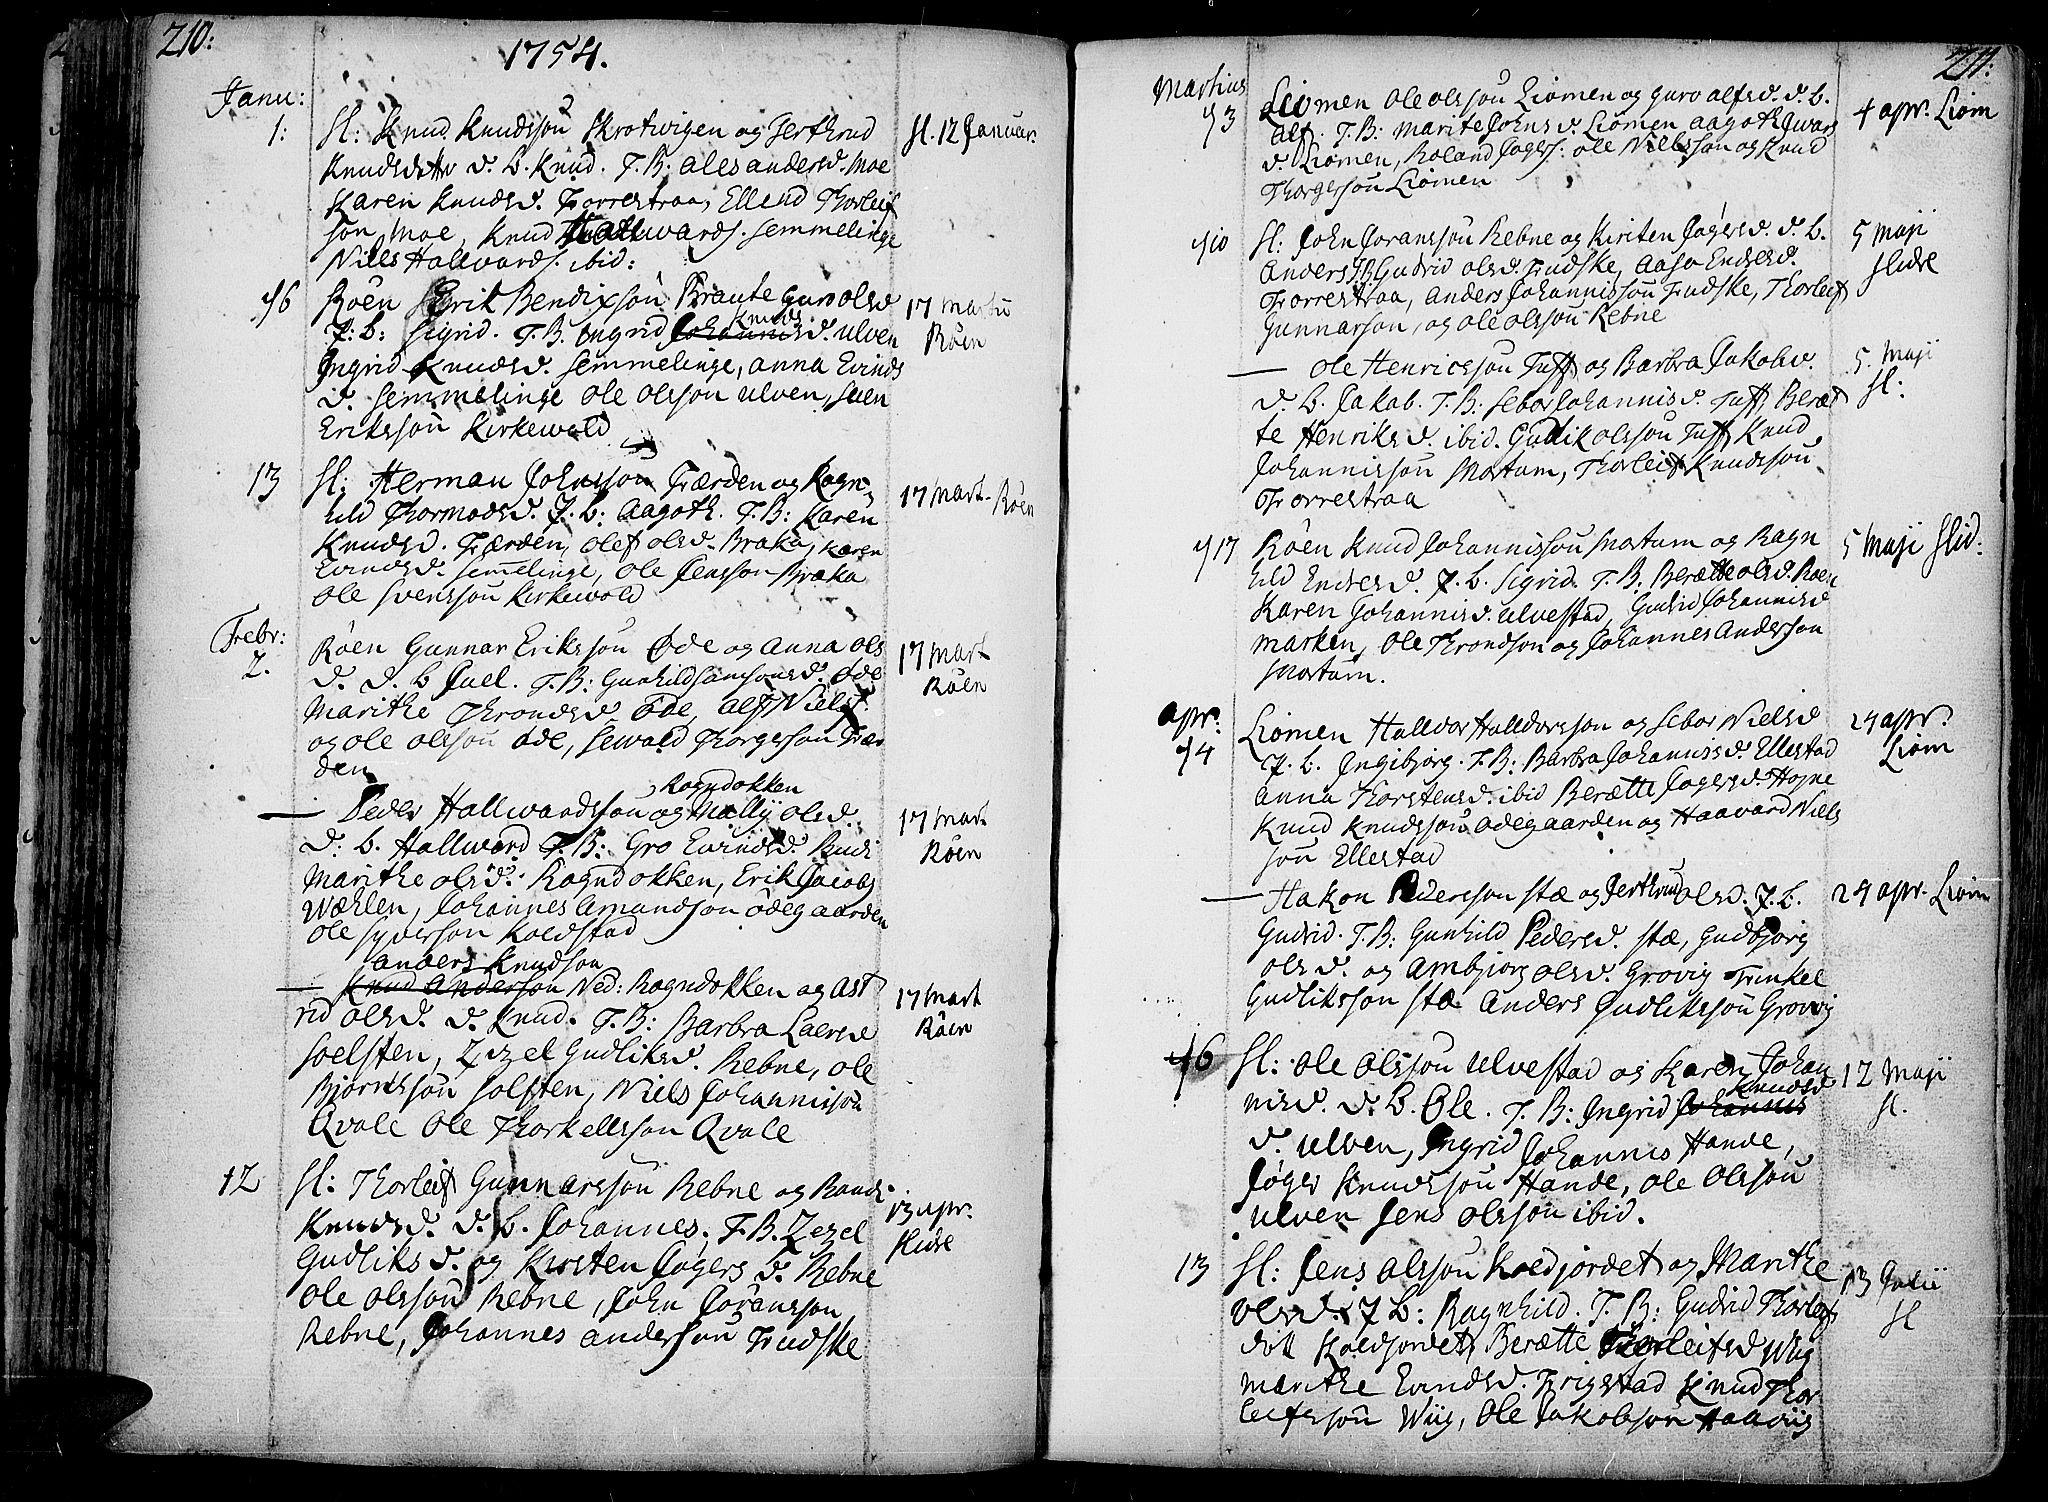 SAH, Slidre prestekontor, Ministerialbok nr. 1, 1724-1814, s. 210-211